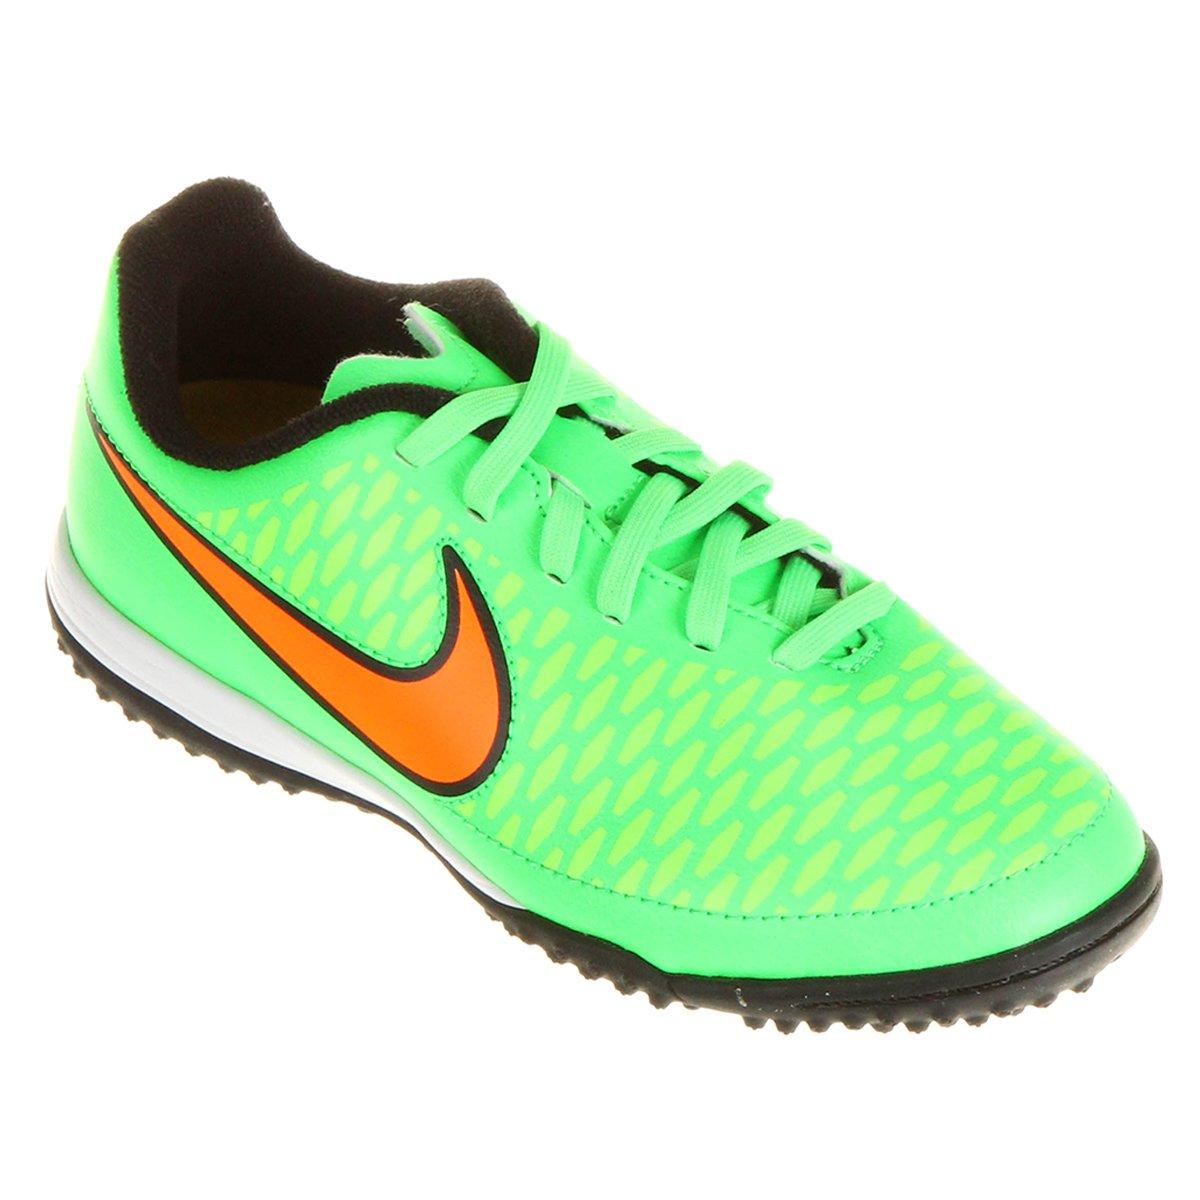 eba4ace1e4 Chuteira Nike Magista Onda TF Society Infantil - Compre Agora